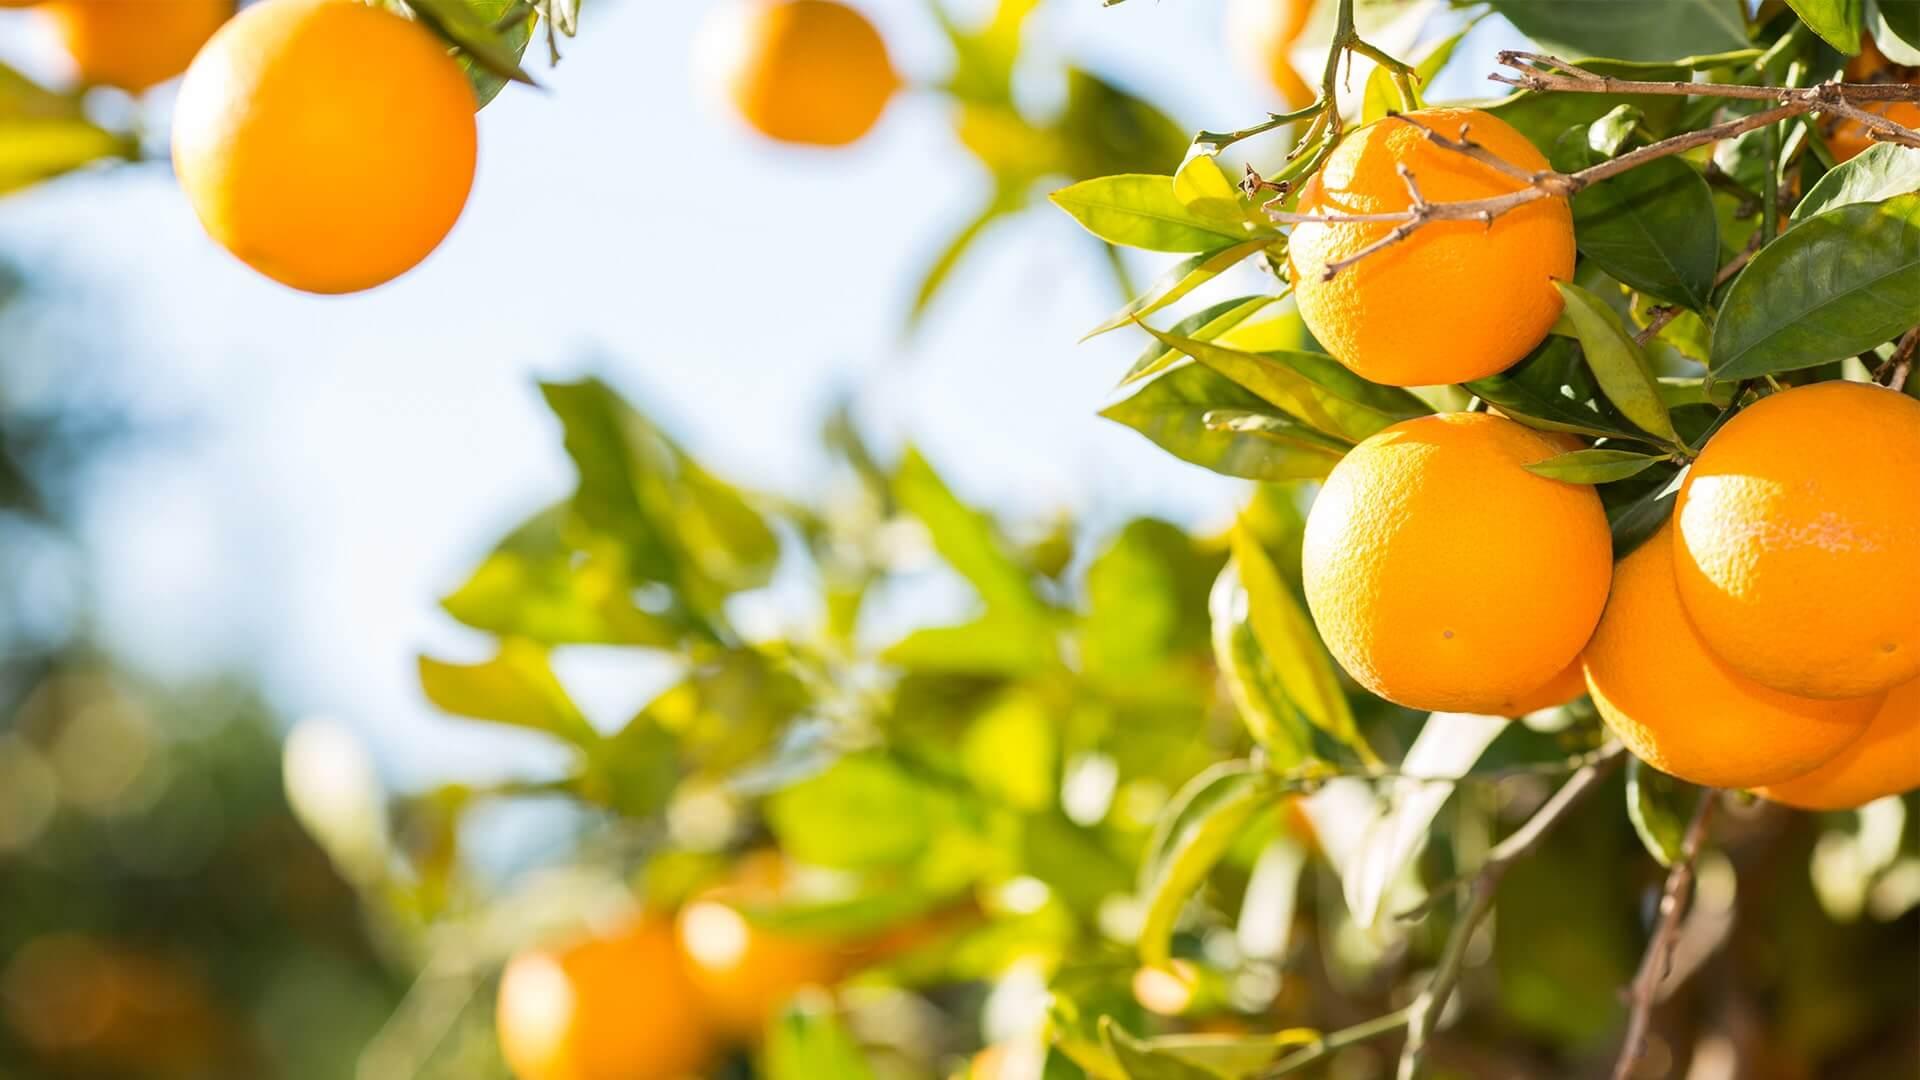 Dünyadaki en etkili turunçgil hastalığı olarak tanımlanan turunçgil yeşillenmesi, ağaçların üretim ömrünü kısaltarak turunçgil endüstrisine büyük tehdit oluşturmaktadır.